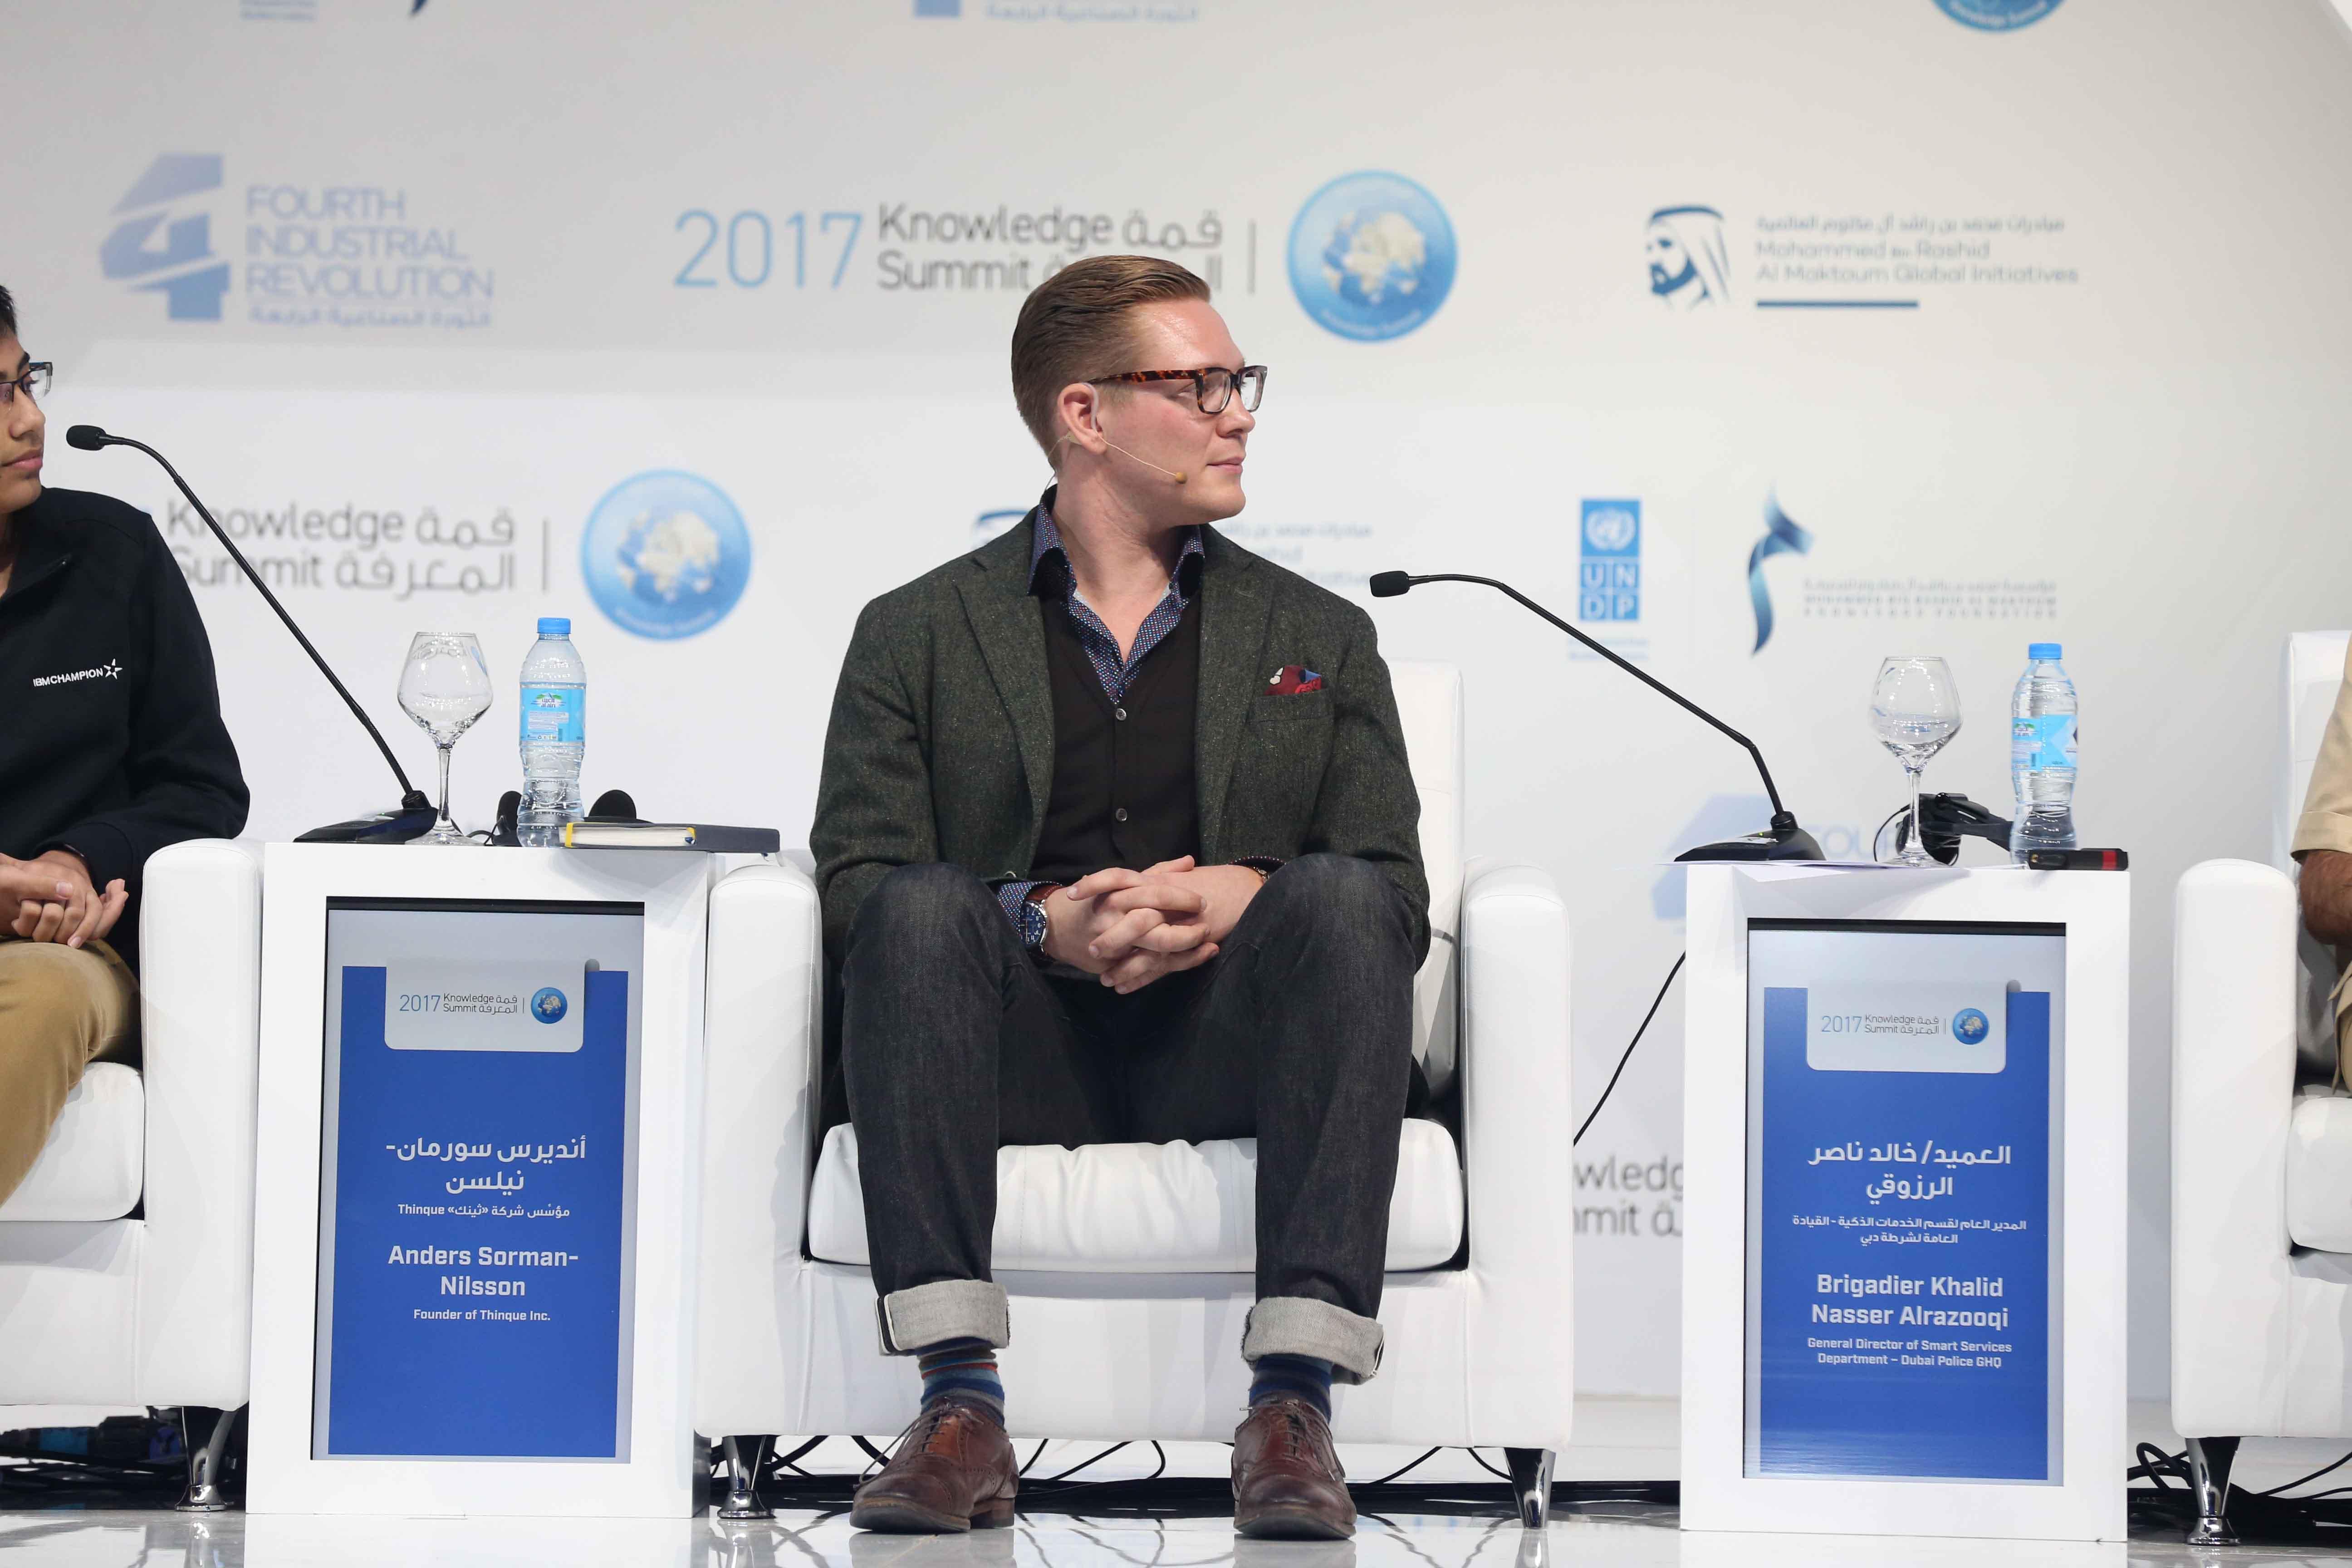 Futurist Speaker Anders Sorman-Nilsson Dubai Knowledge Summit